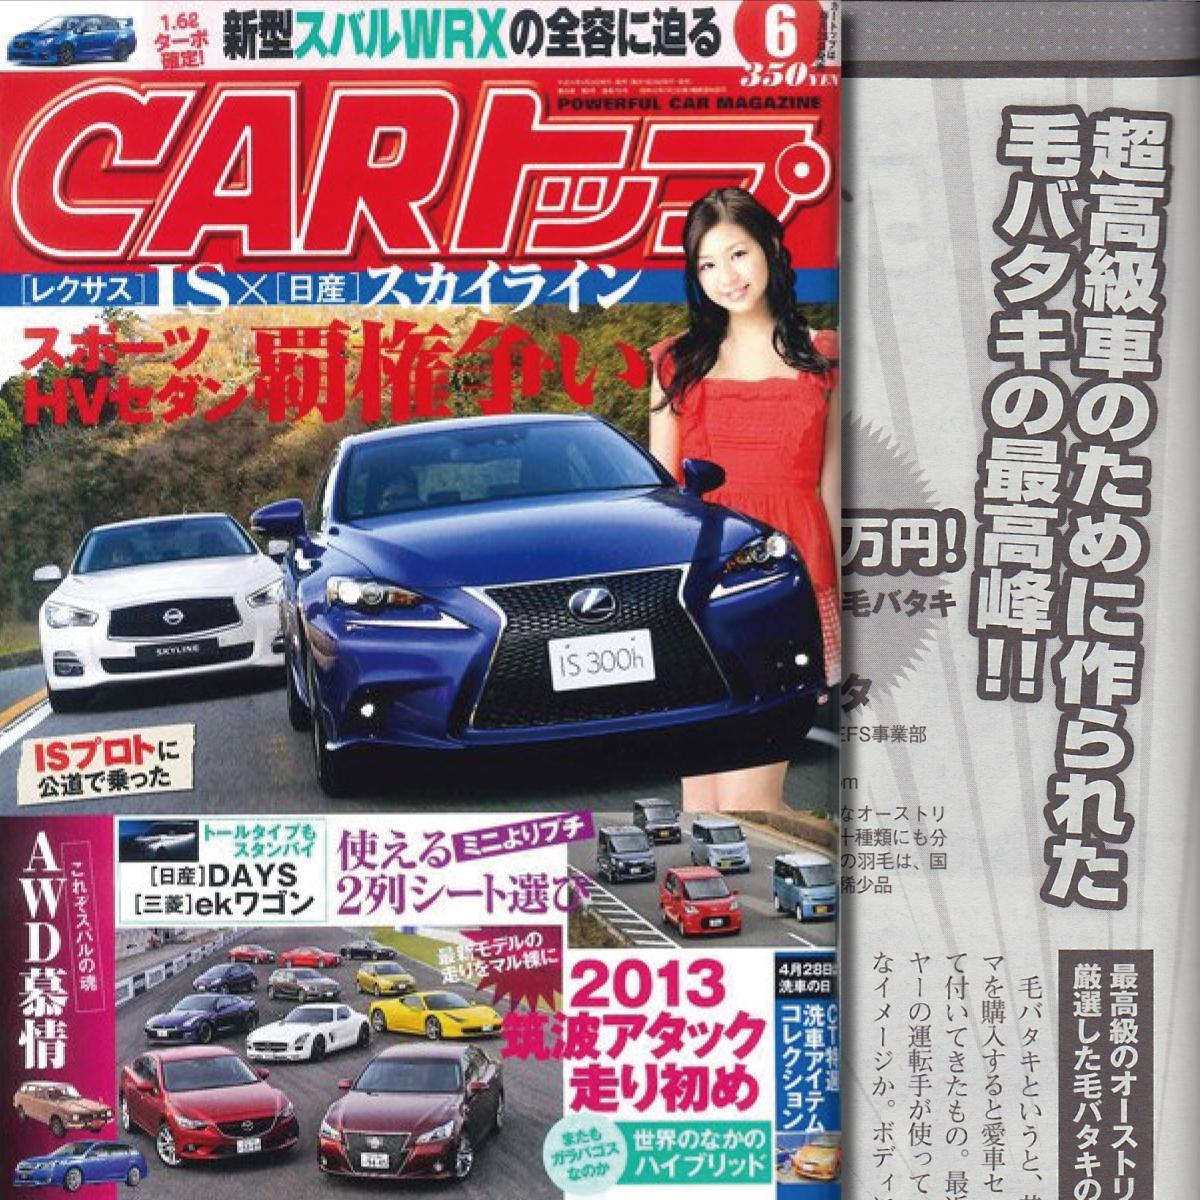 『CLEFS』がCARトップ 6月号に掲載されました。